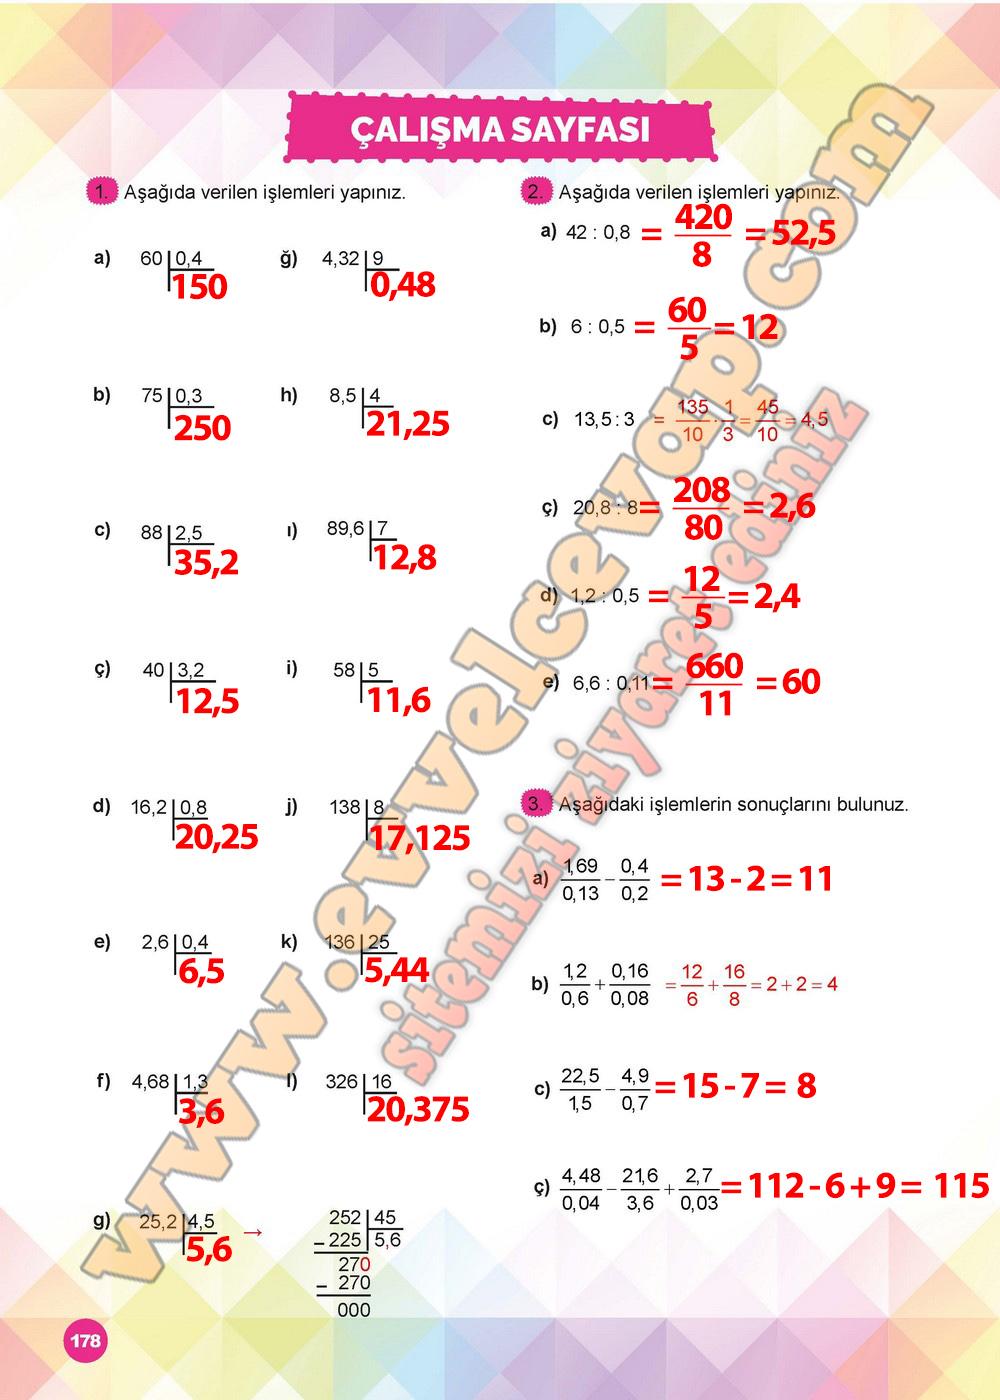 6 Sinif Matematik Ders Kitabi Meb Yayinlari Sayfa 178 Cevabi